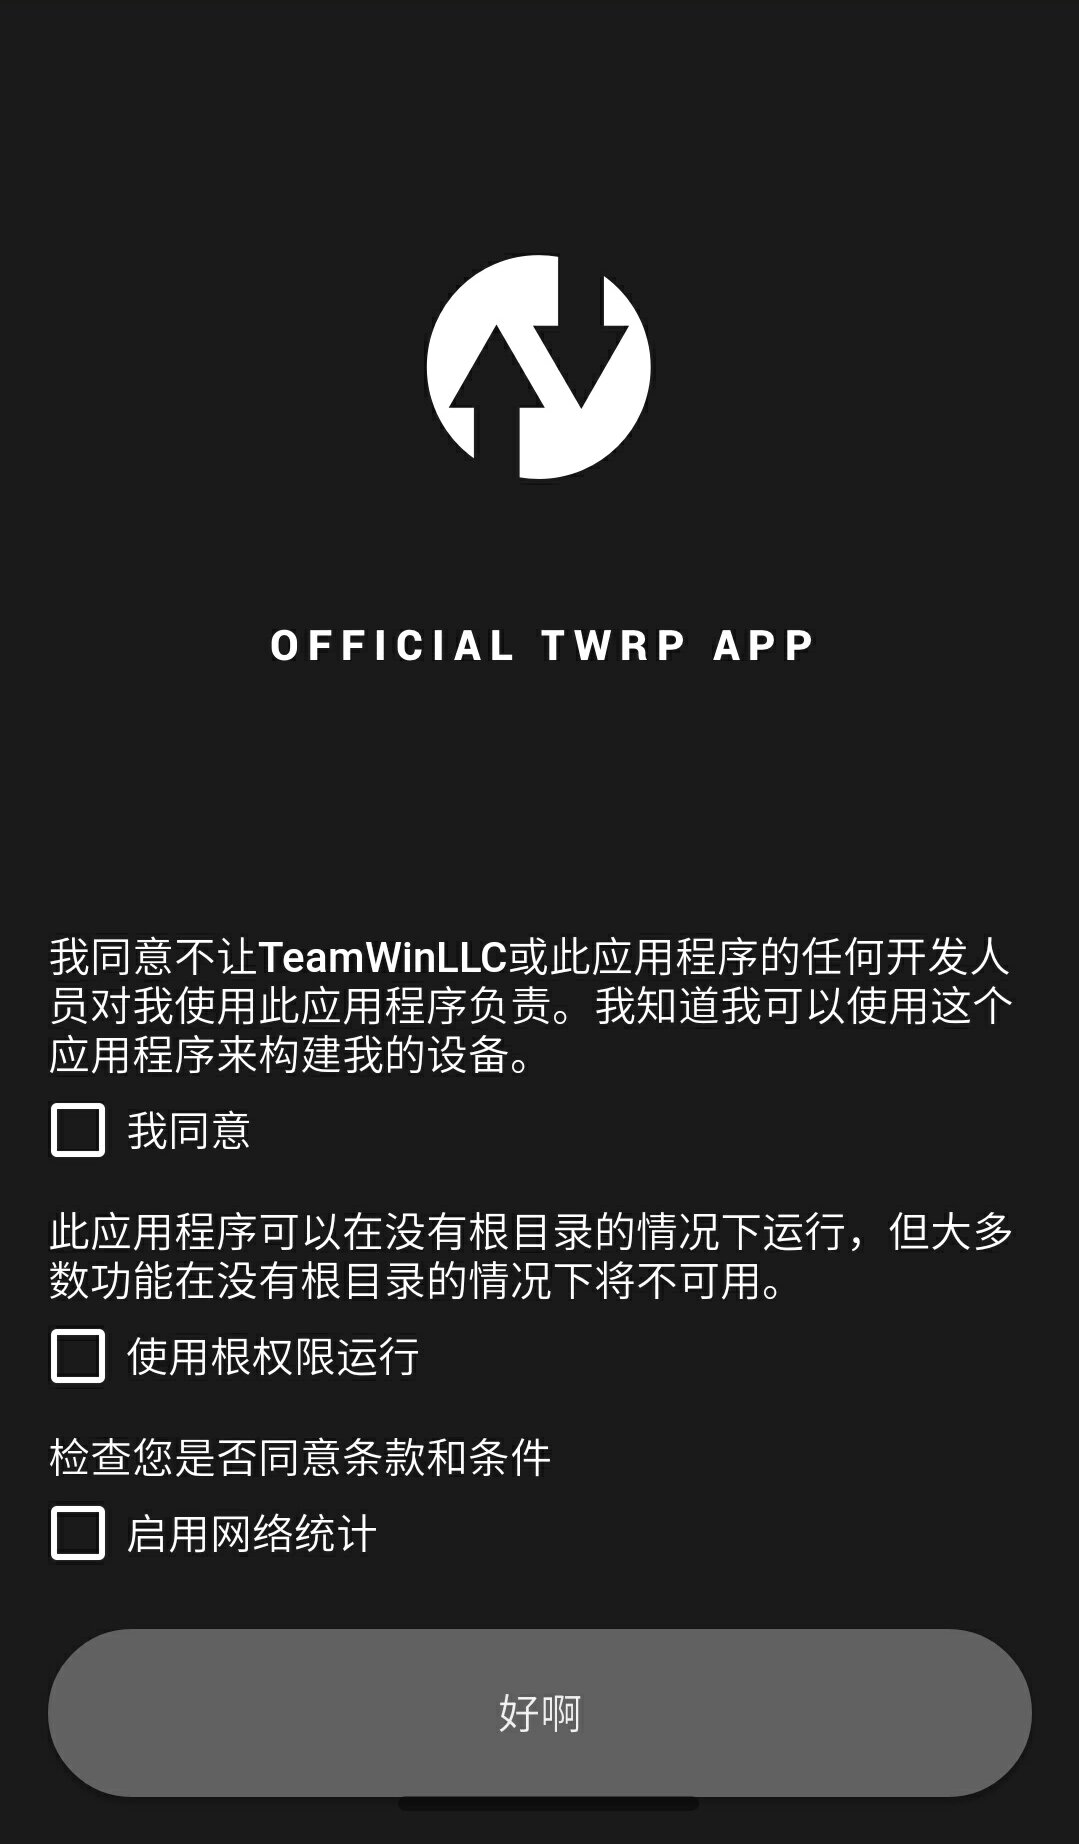 【分享】官方twrp应用程序完整汉化版